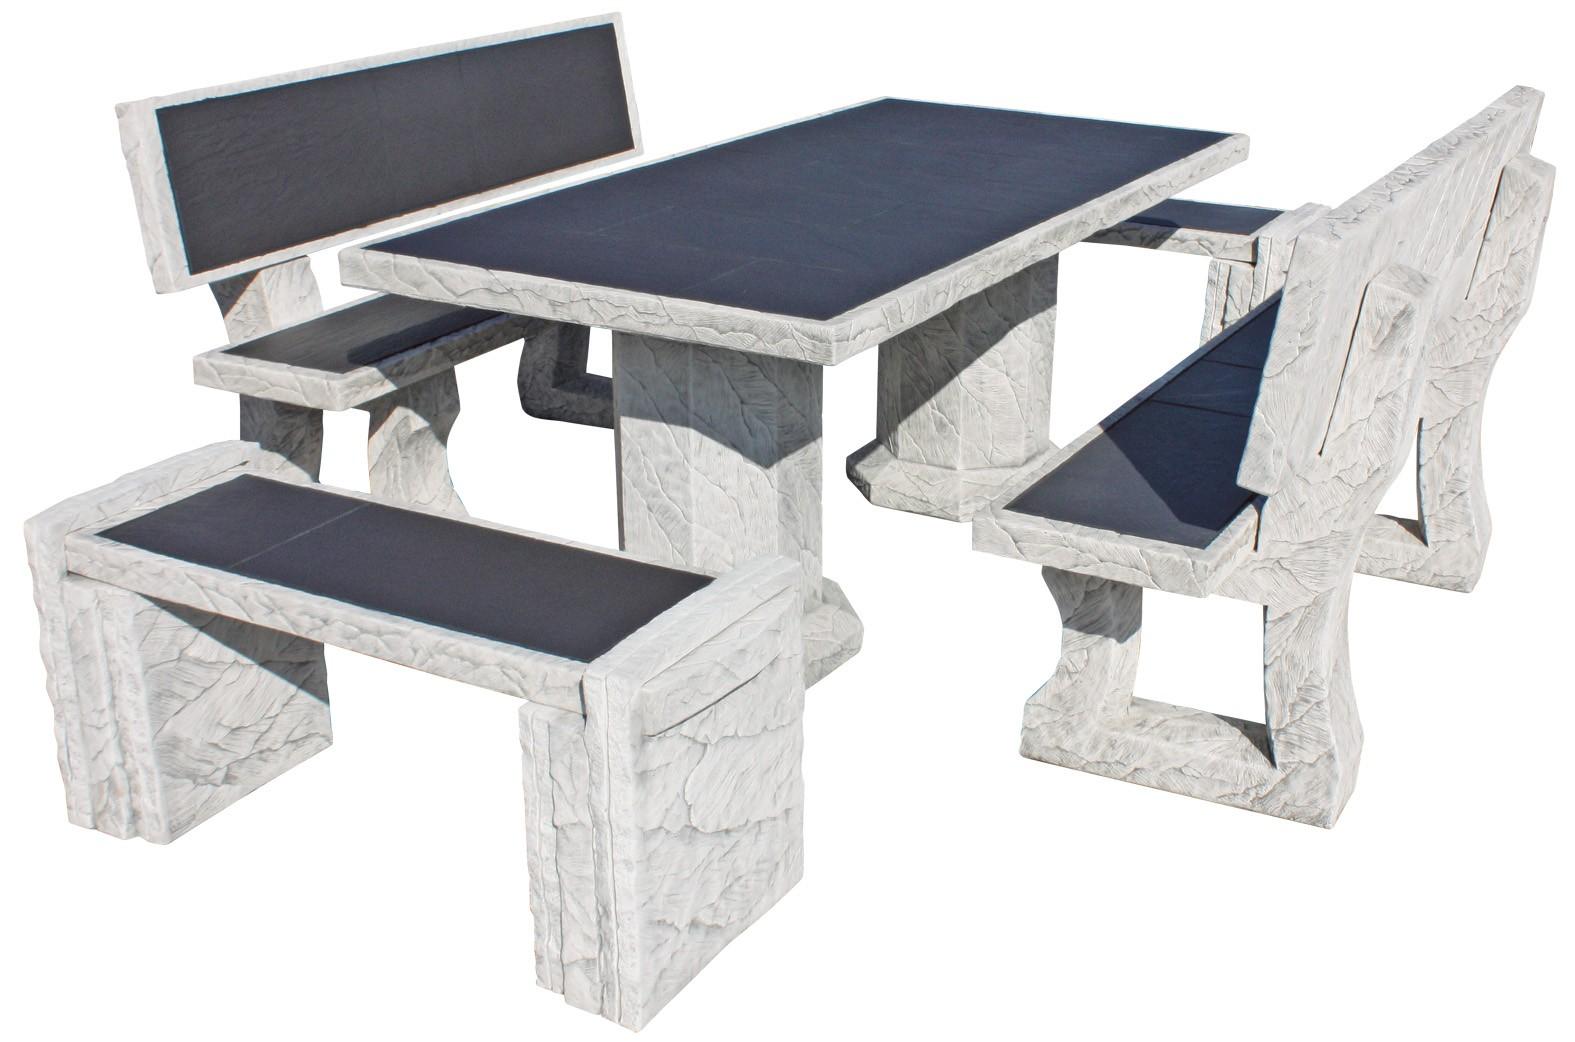 Mesa de jardin de piedra con azulejos mirage vulcan gris - Mesas con azulejos ...